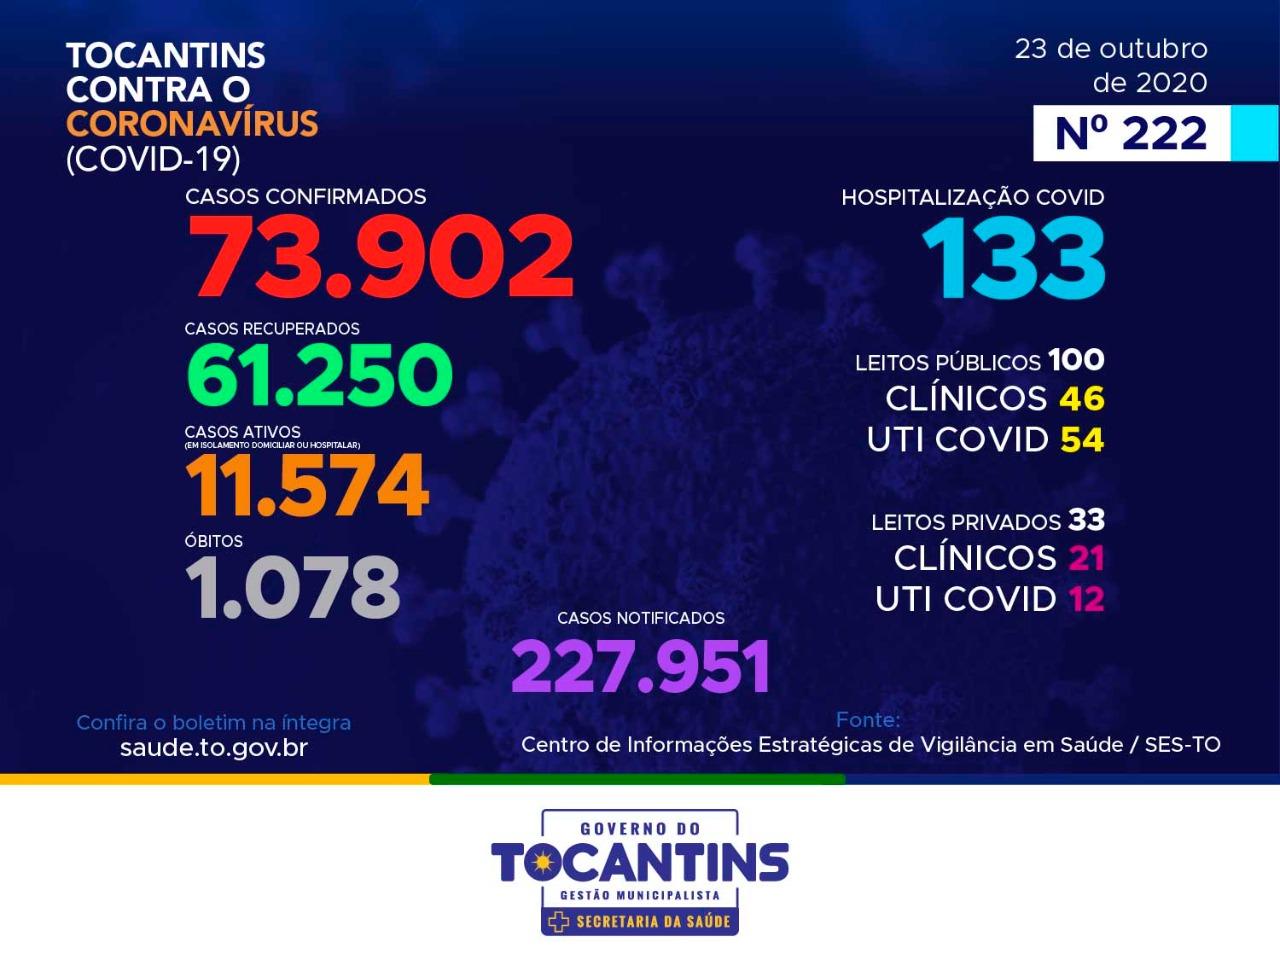 Coronavírus: com 374 novos casos hoje, Tocantins se aproxima das 74 mil confirmações